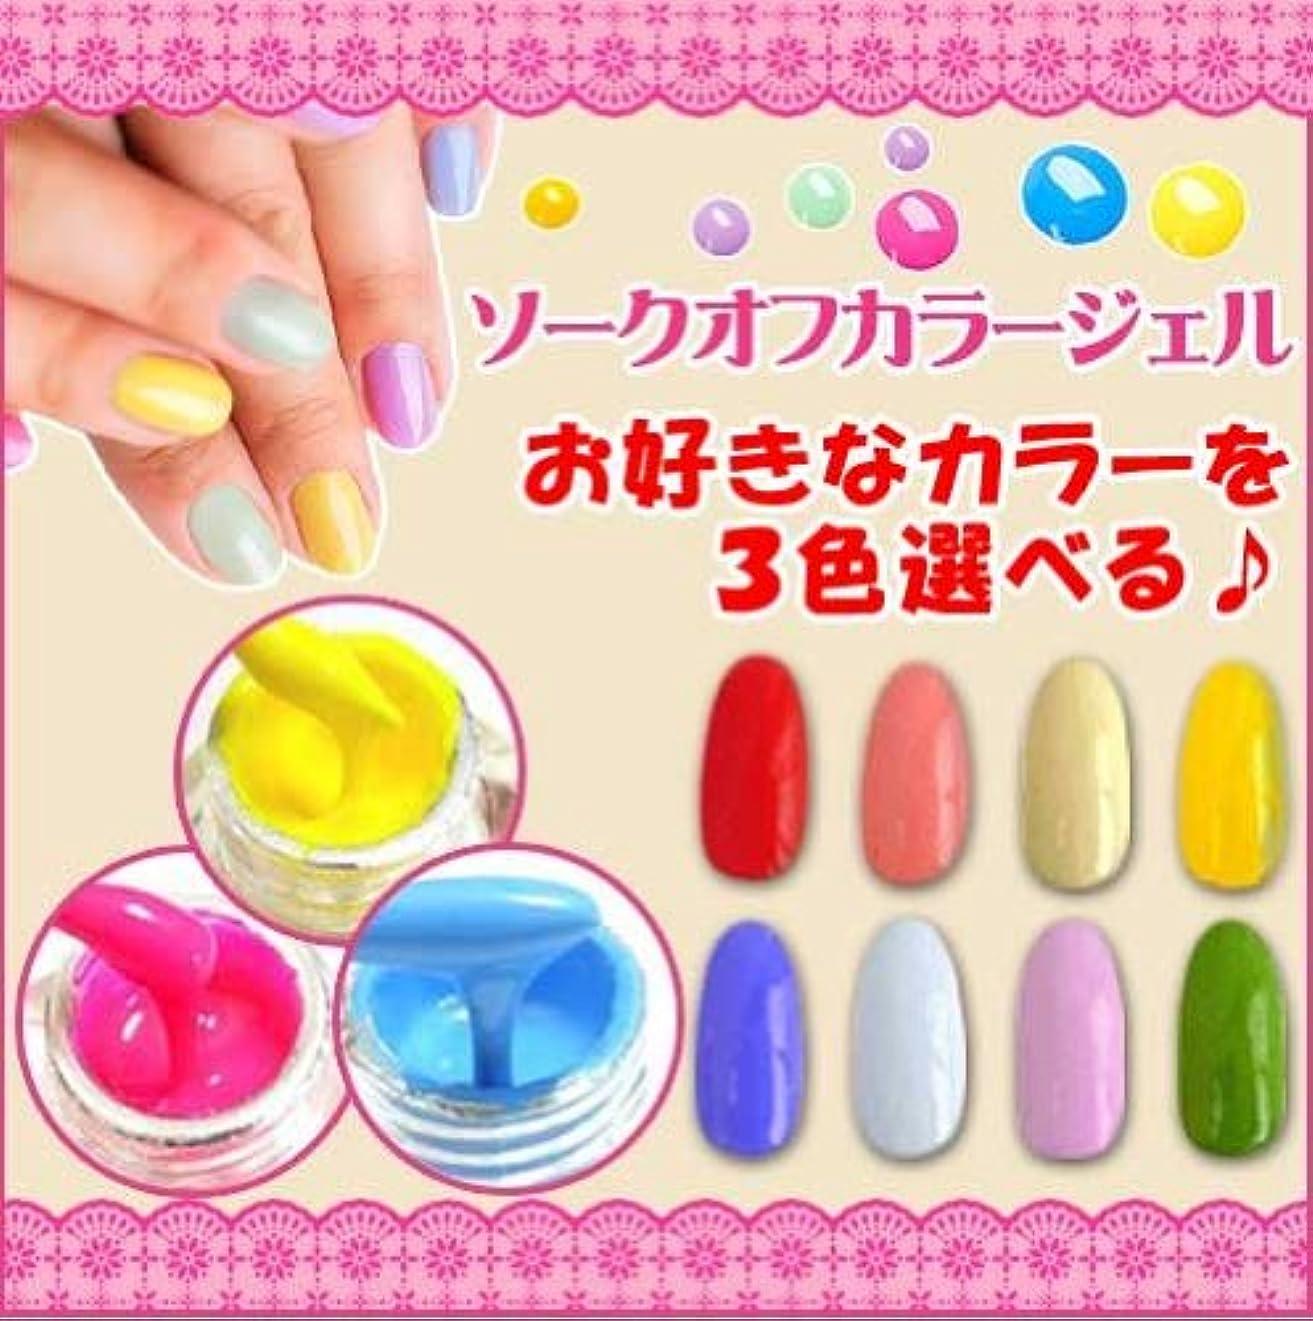 柔らかい戦艦付ける【好きなカラーが選べる?】カラージェル3色セット☆発色抜群